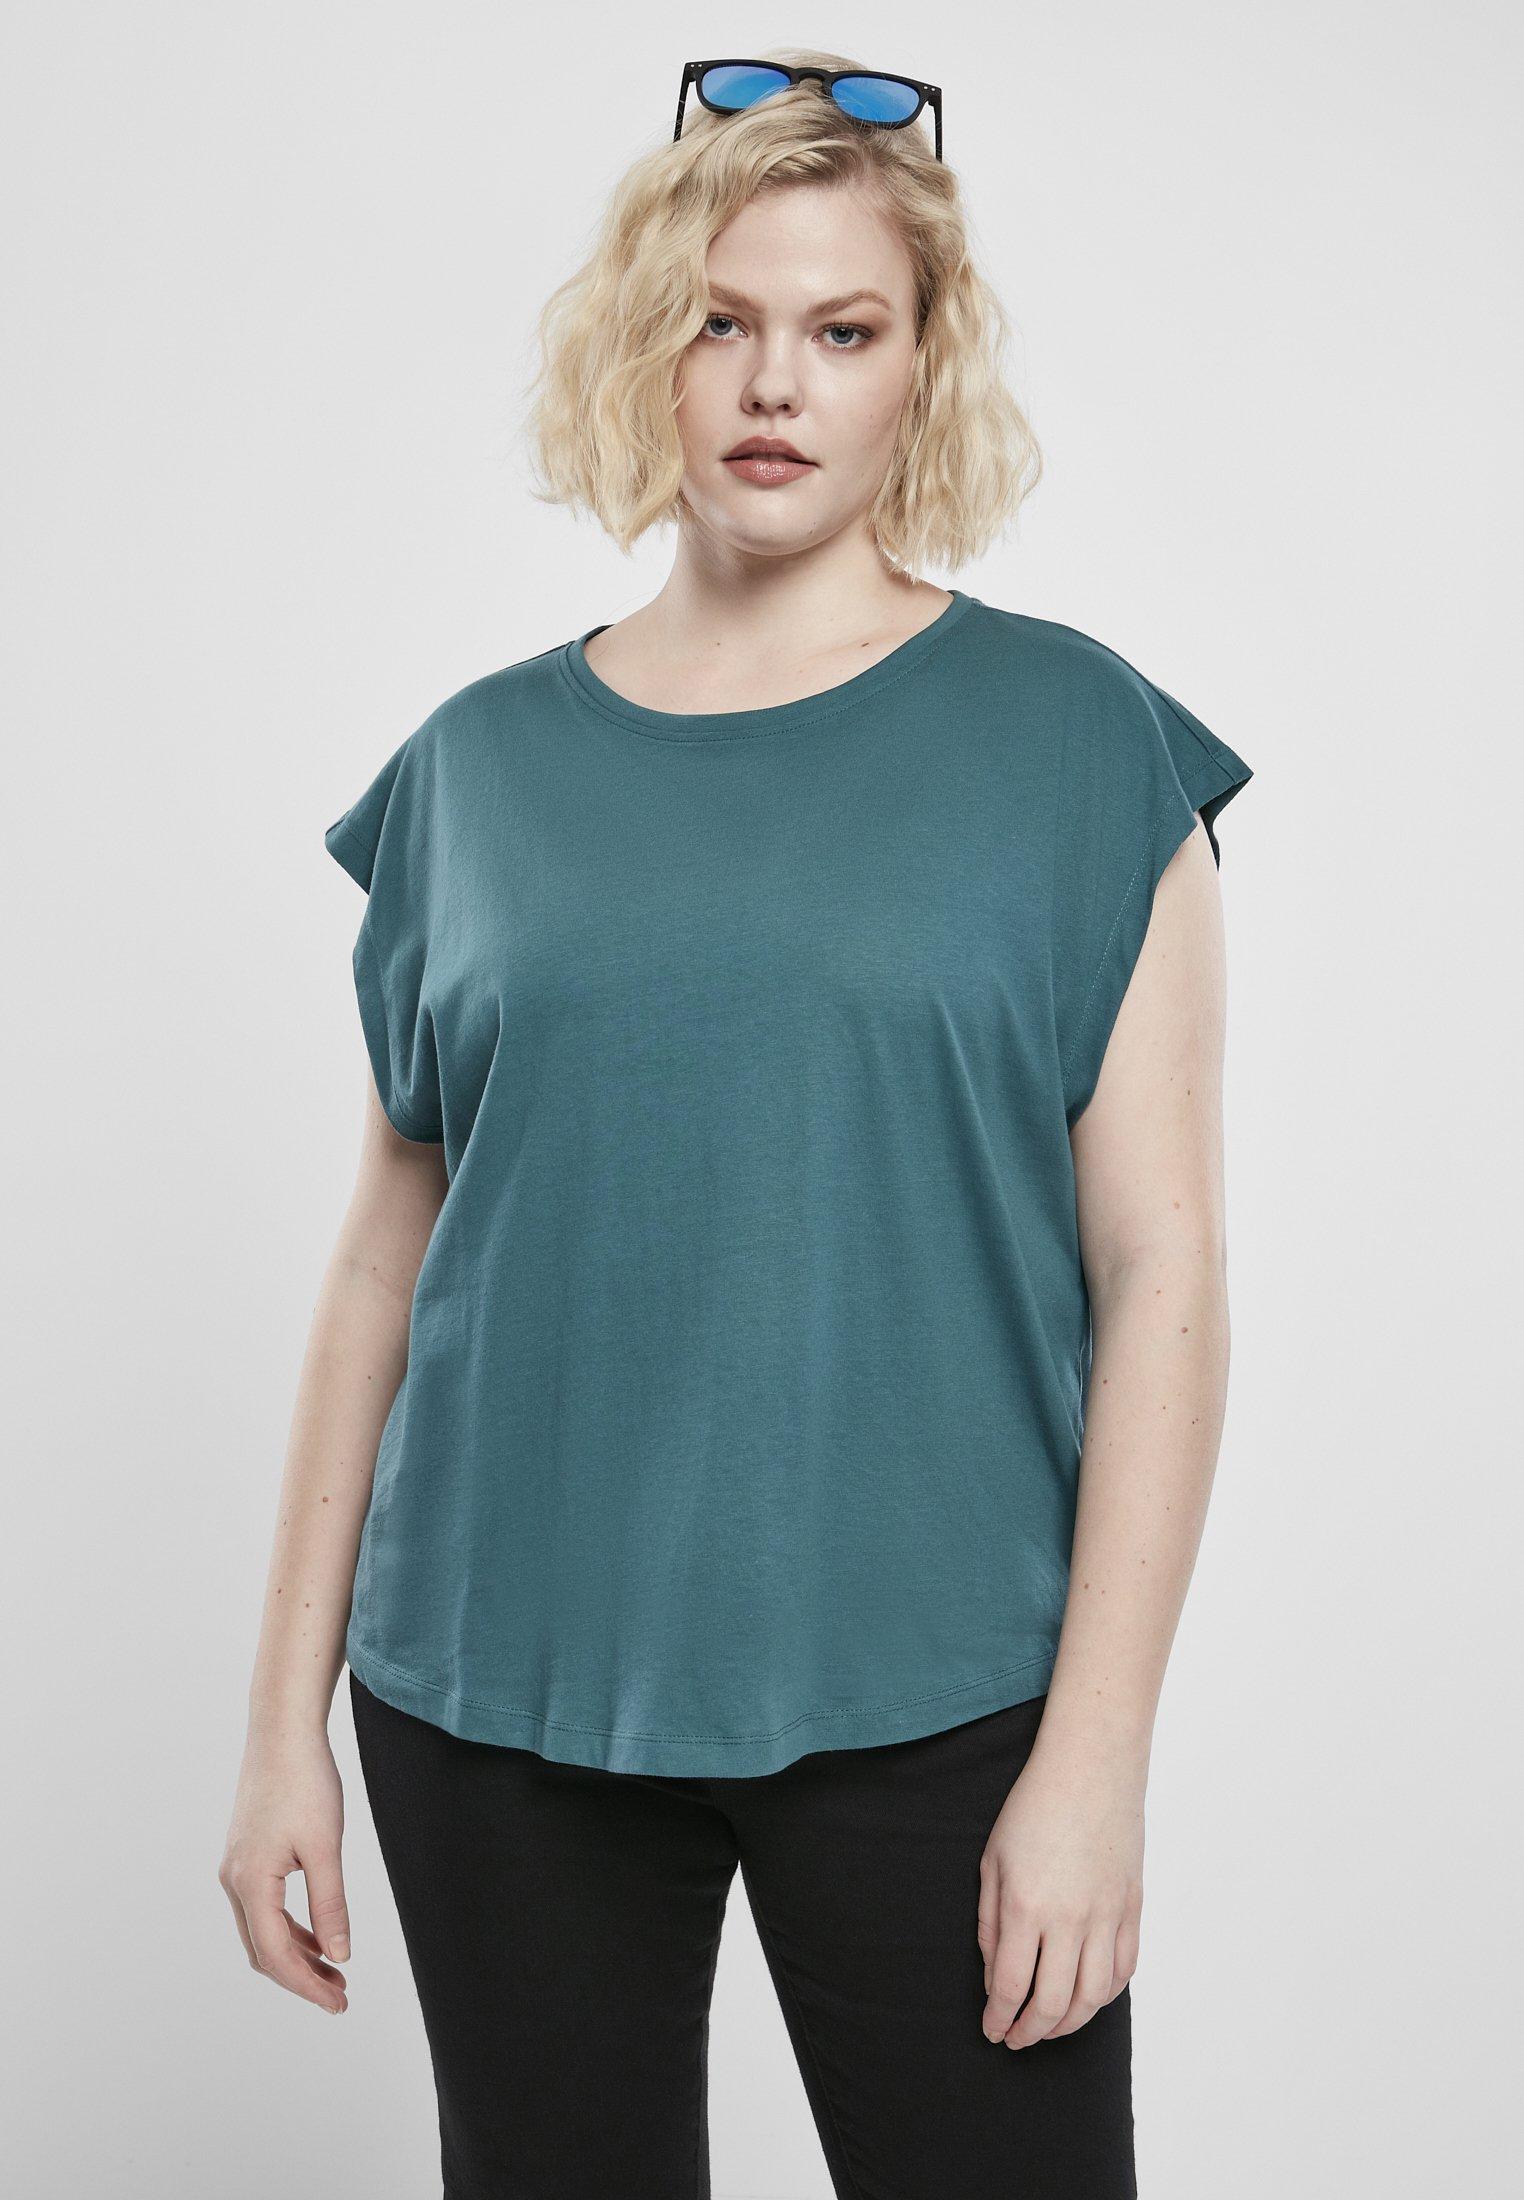 Damen FRAUEN LADIES BASIC SHAPED - T-Shirt basic